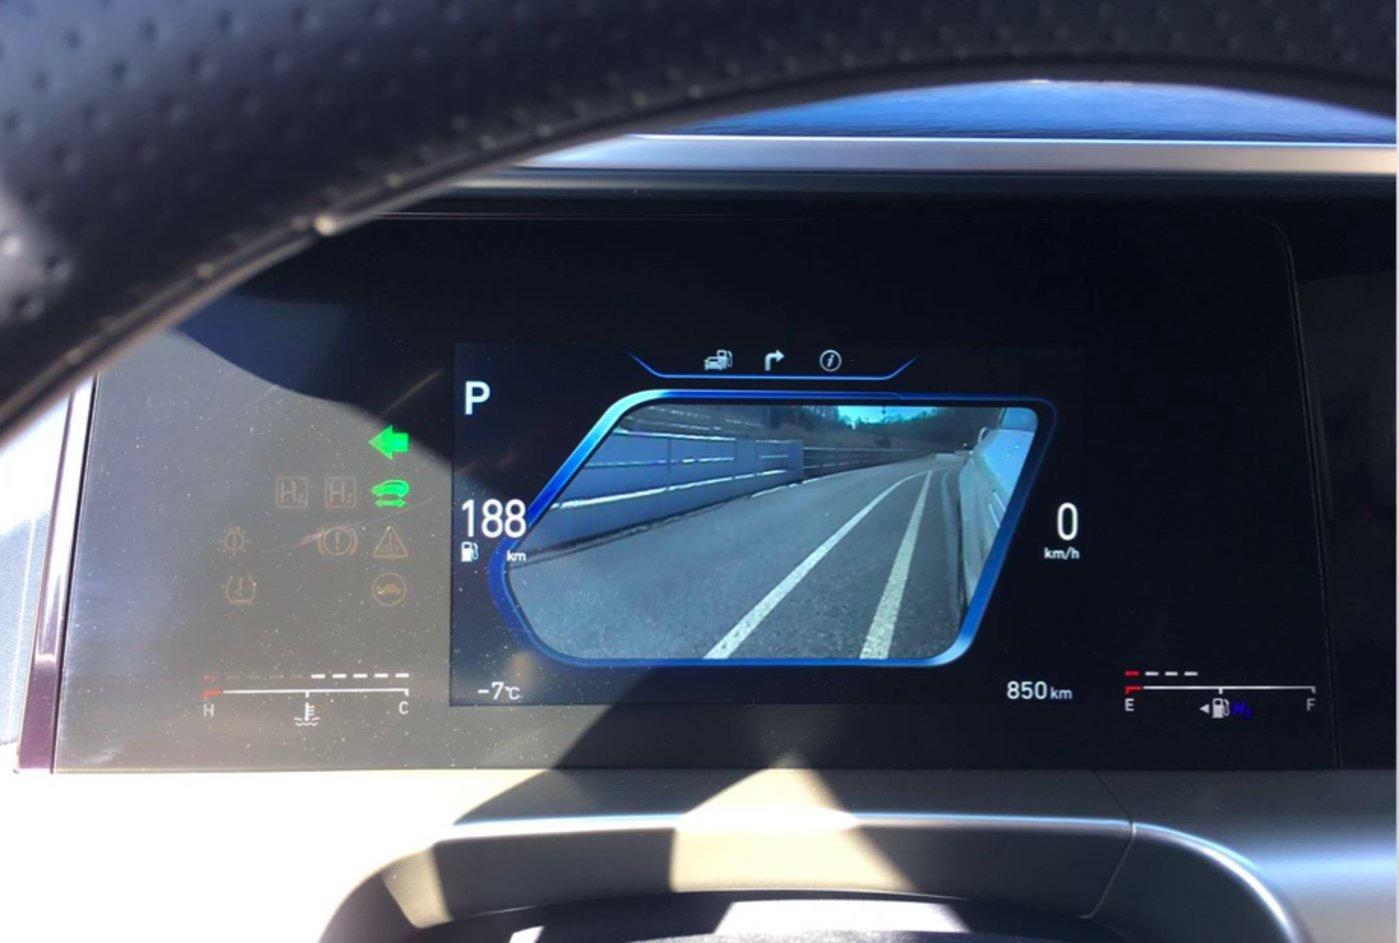 打开左转向灯,仪表盘会显示车身左侧画面